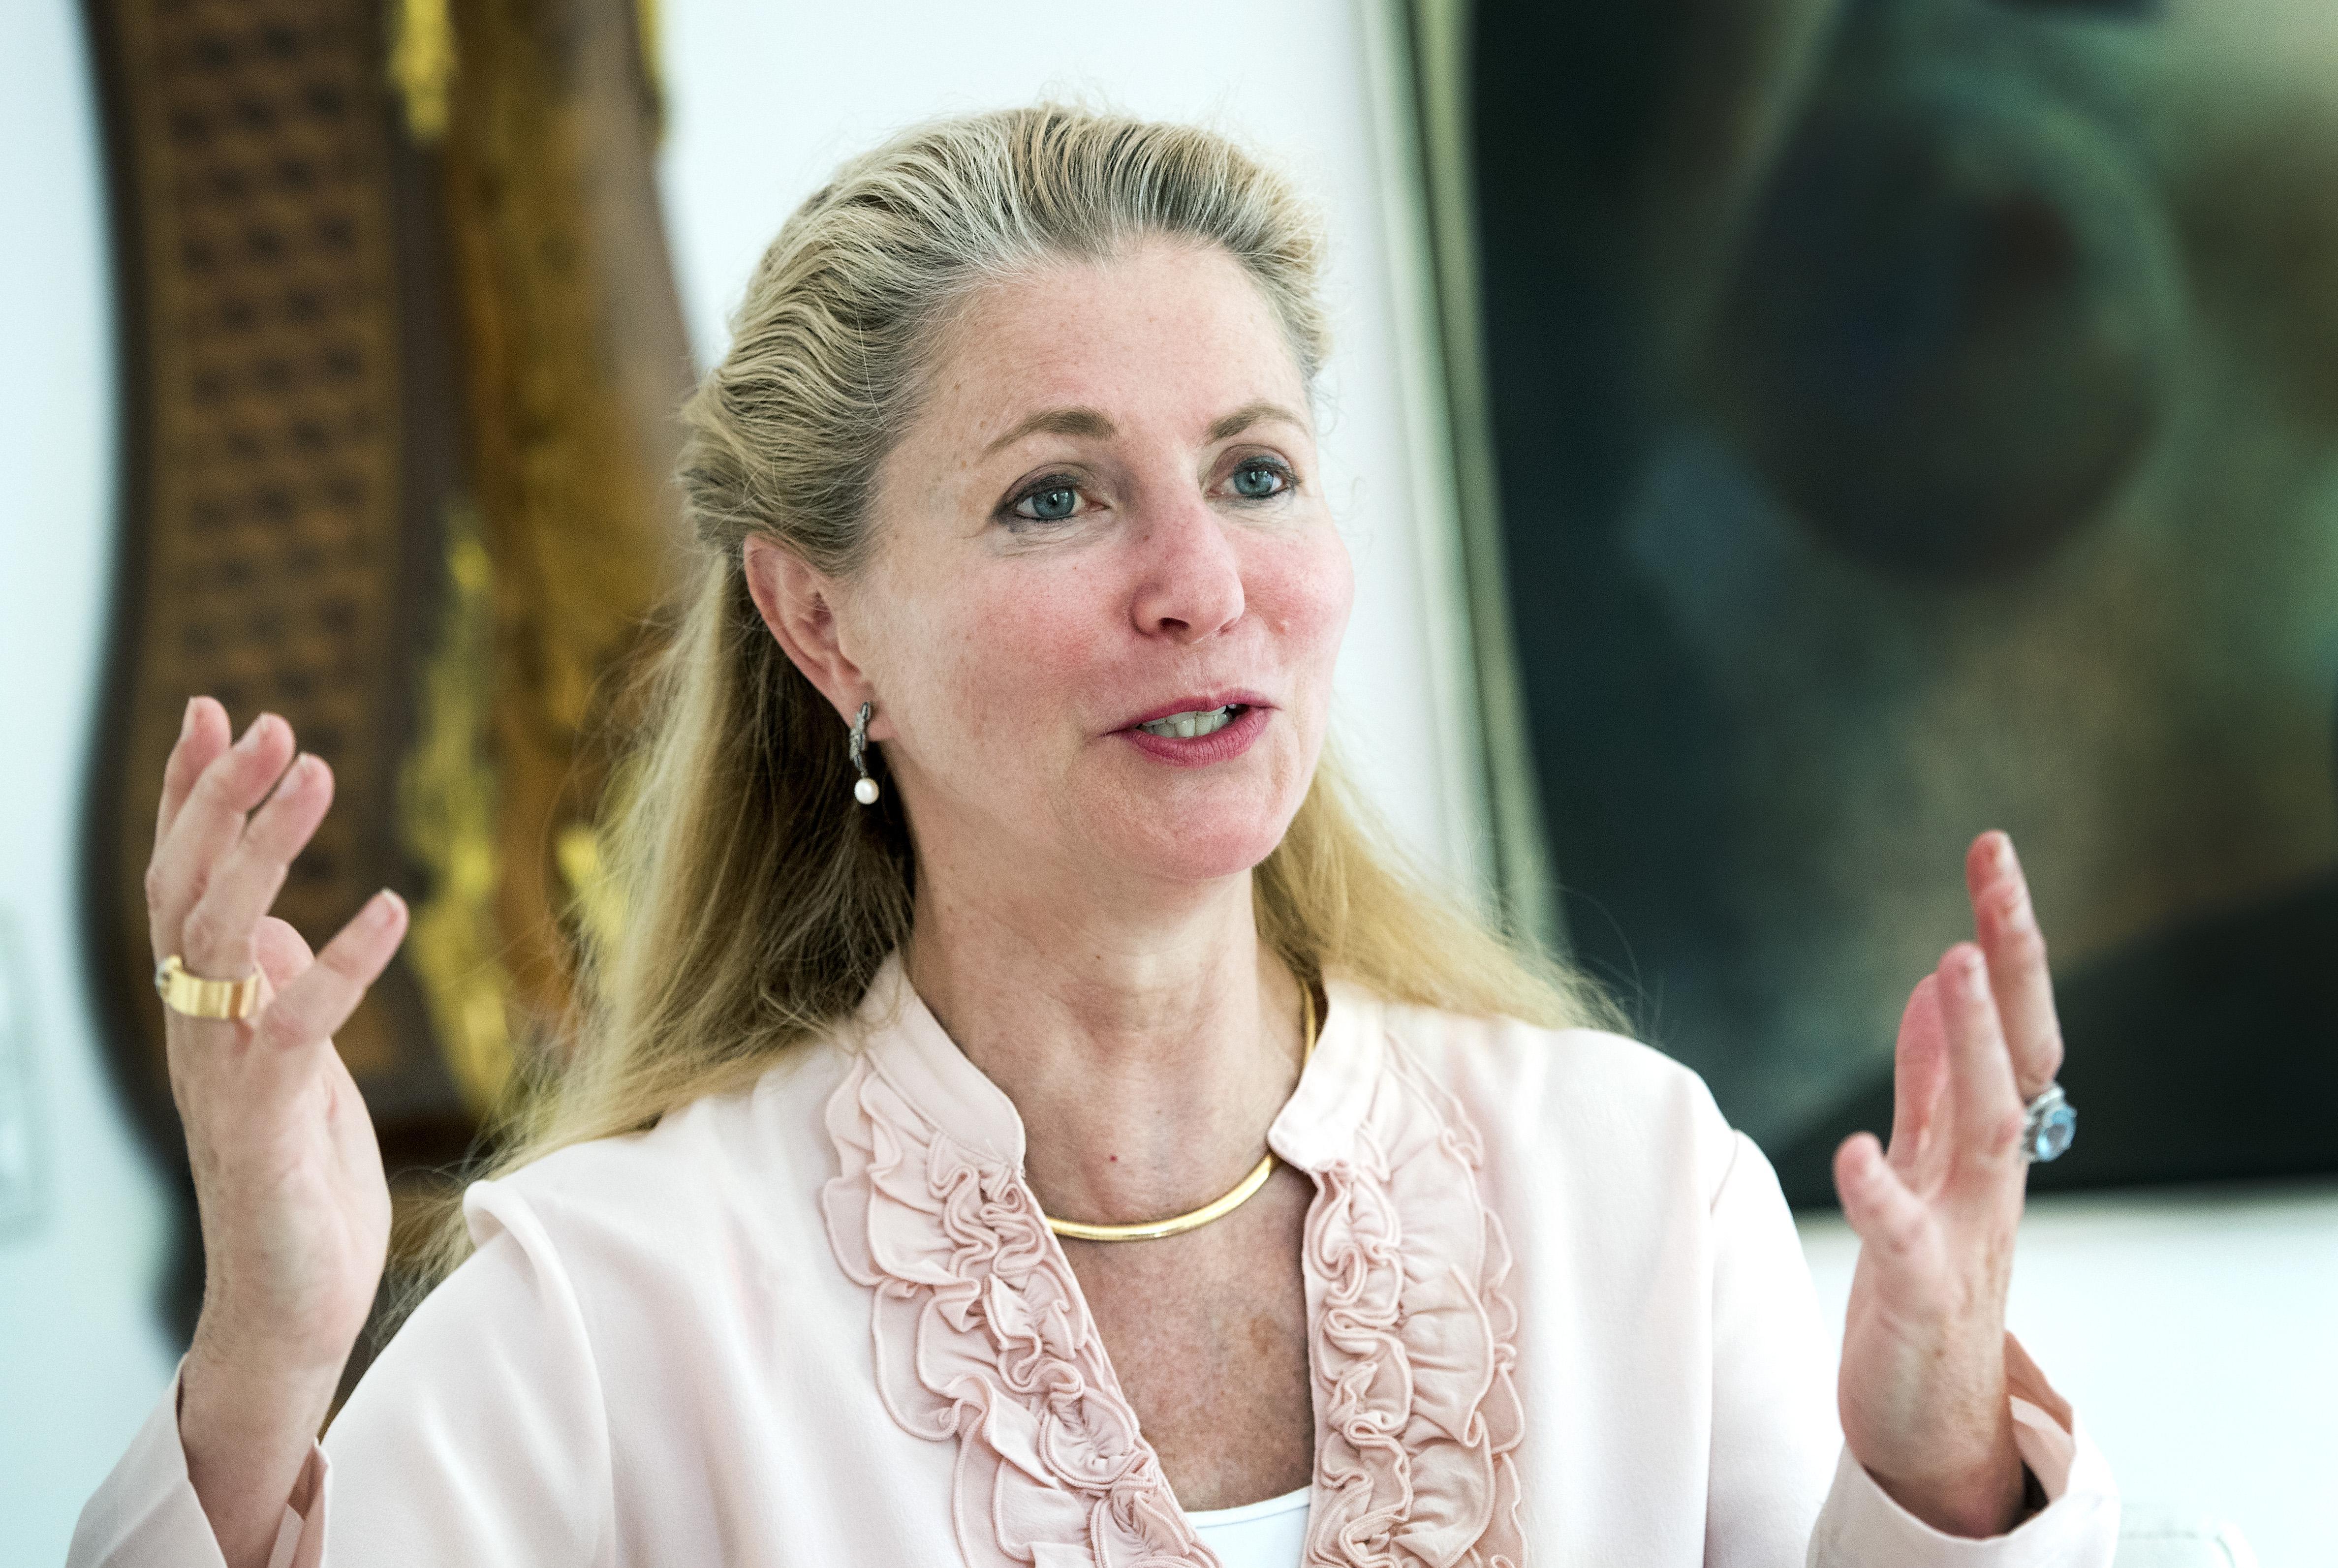 Raadslid Marielys Roos wraakt speciale rechtbank in kwestie over onderzoek naar gemeente Bloemendaal